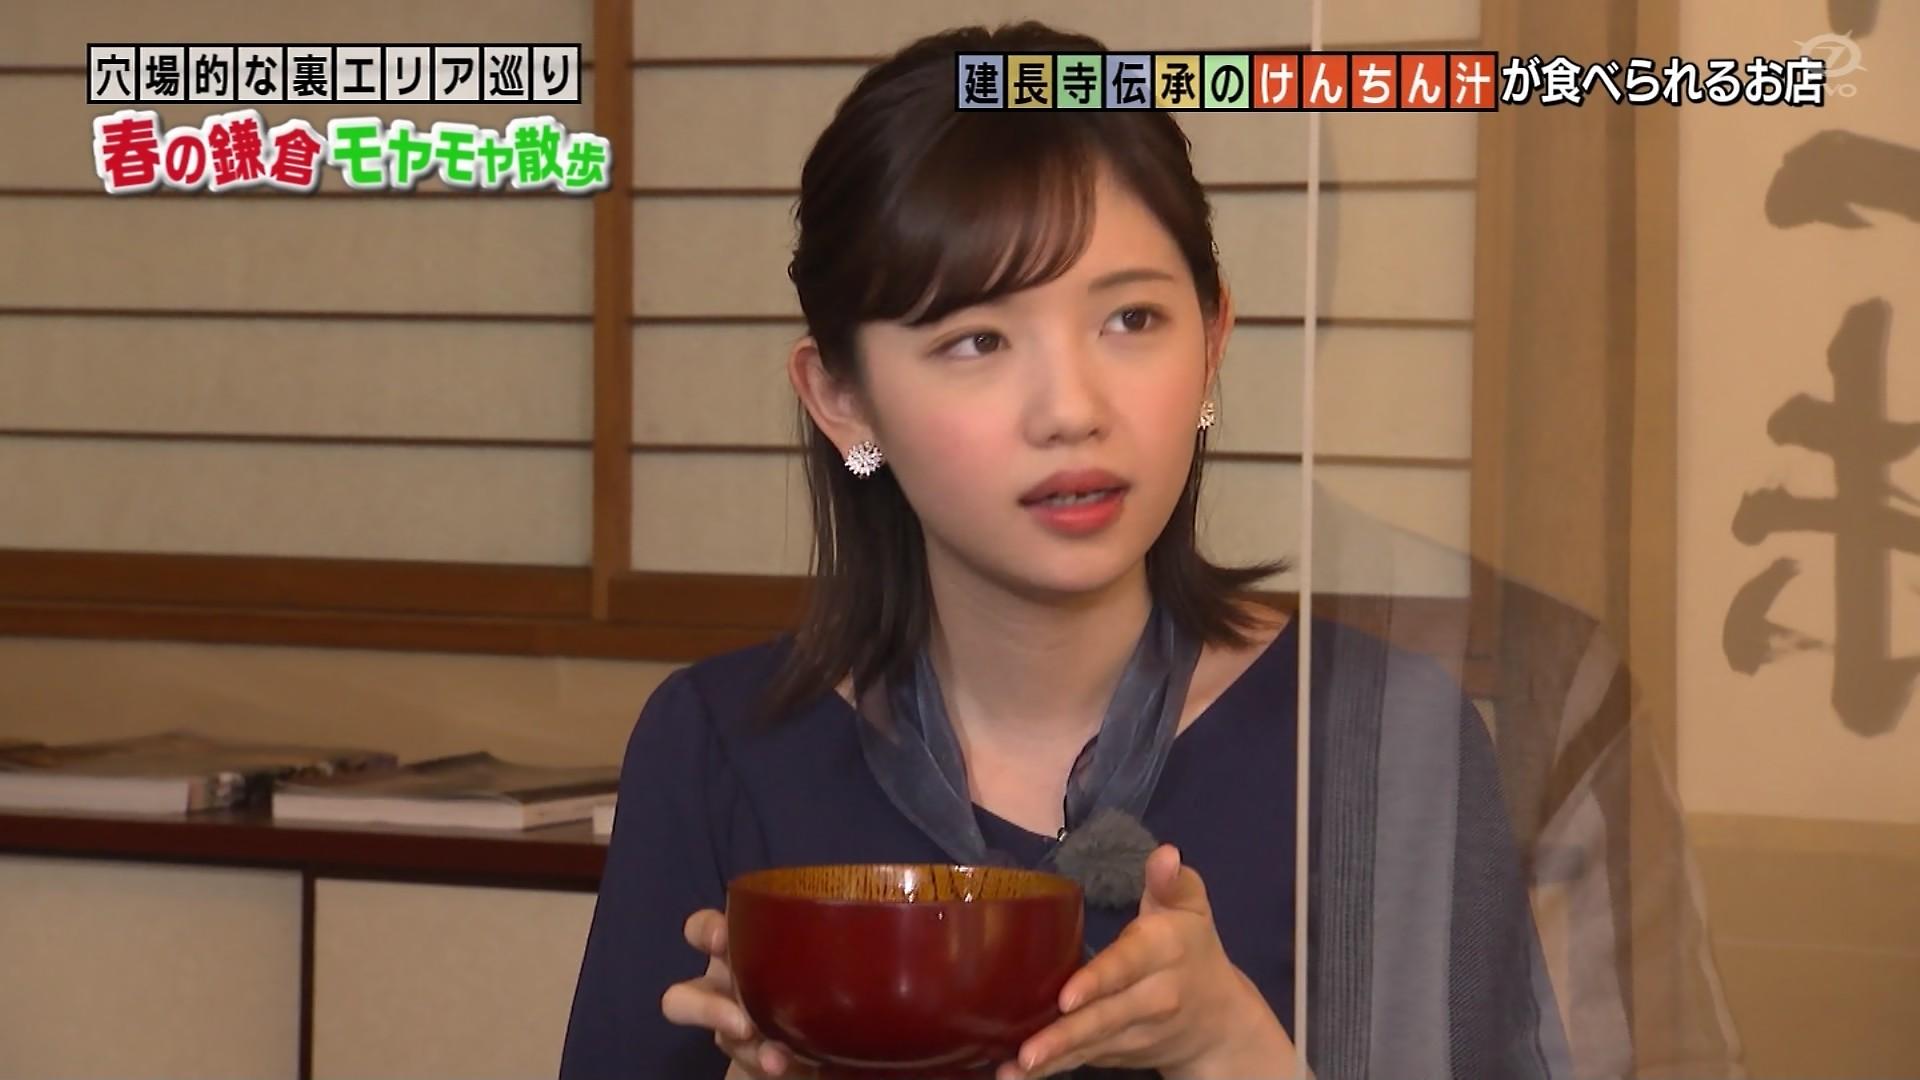 田中 アナ さまーず モヤモヤ モヤさまの田中瞳アナが可愛すぎる!画像と経歴やプロフィールをチェック!